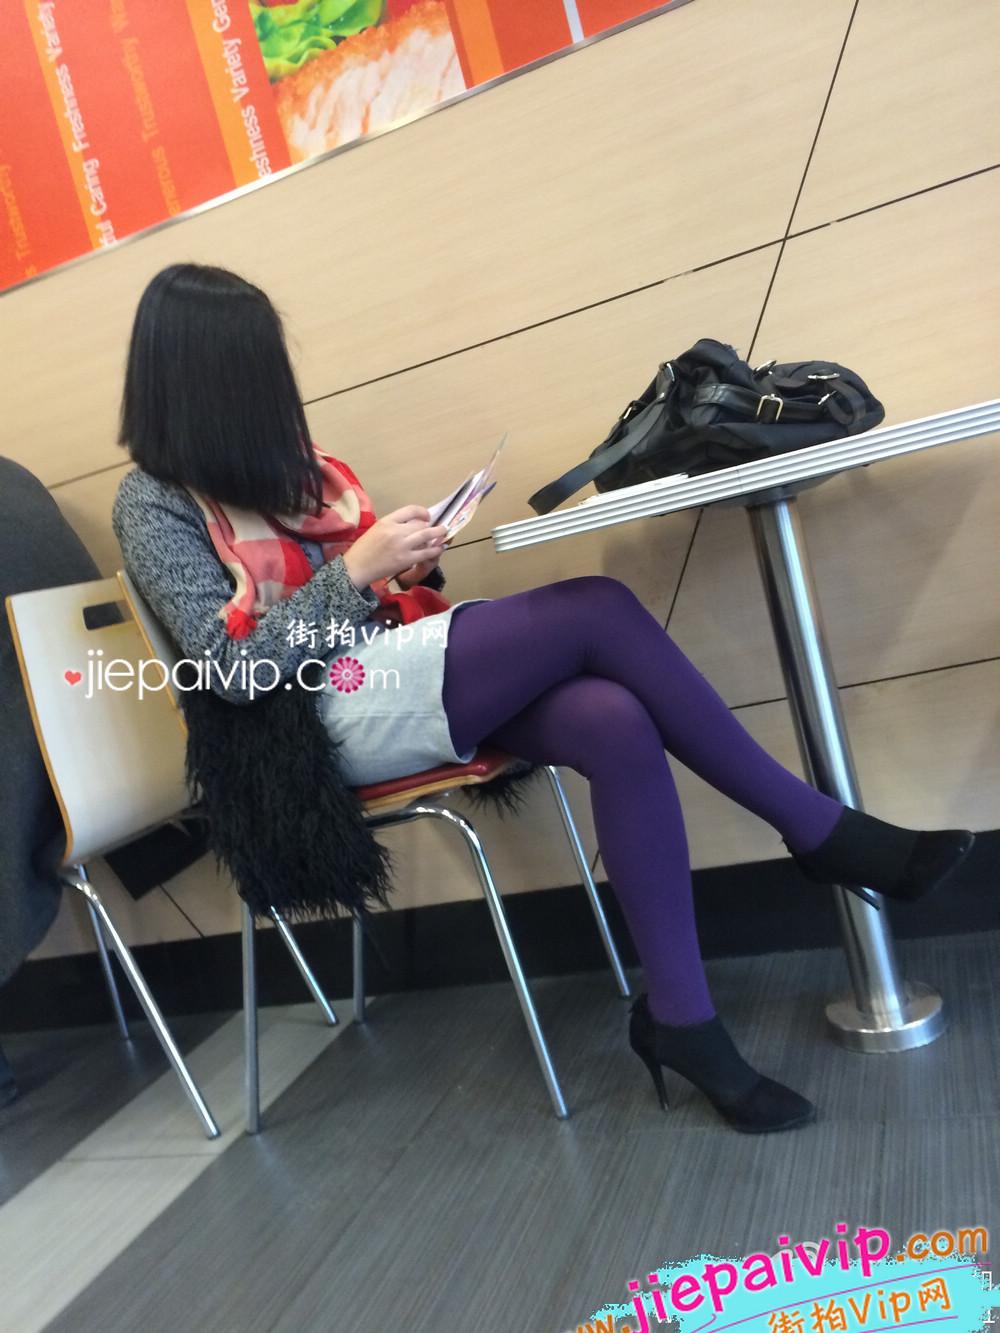 肯德基偶遇,街拍紫色丝袜高跟少妇7